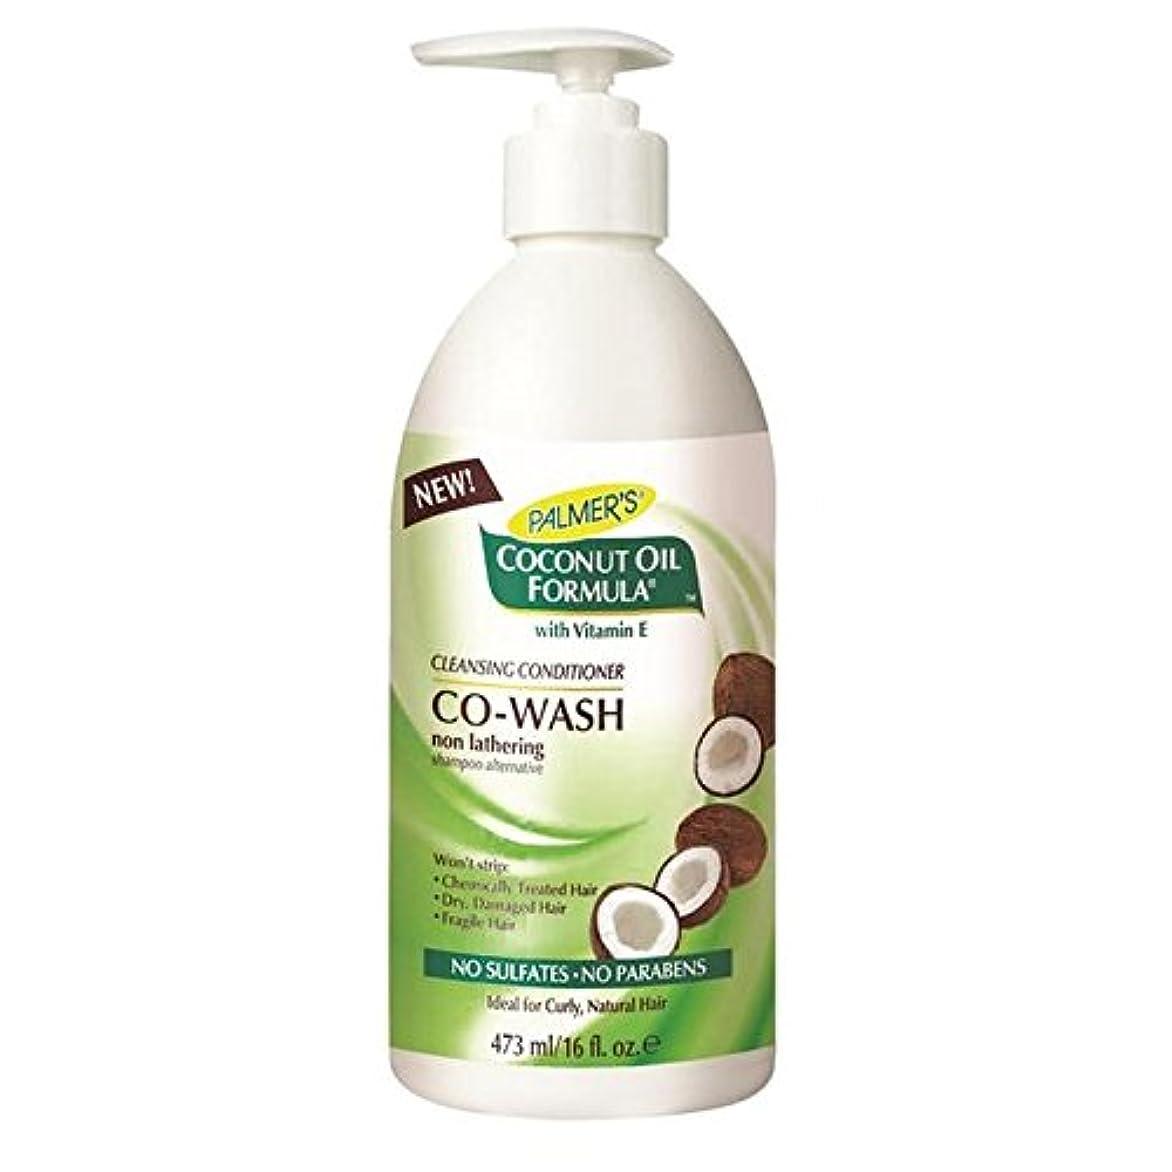 害見せます改善するPalmer's Coconut Formula Co-Wash Cleansing Conditioner, Shampoo Alternative 473ml - パーマーのココナッツ式コウォッシュクレンジングコンディショナー...